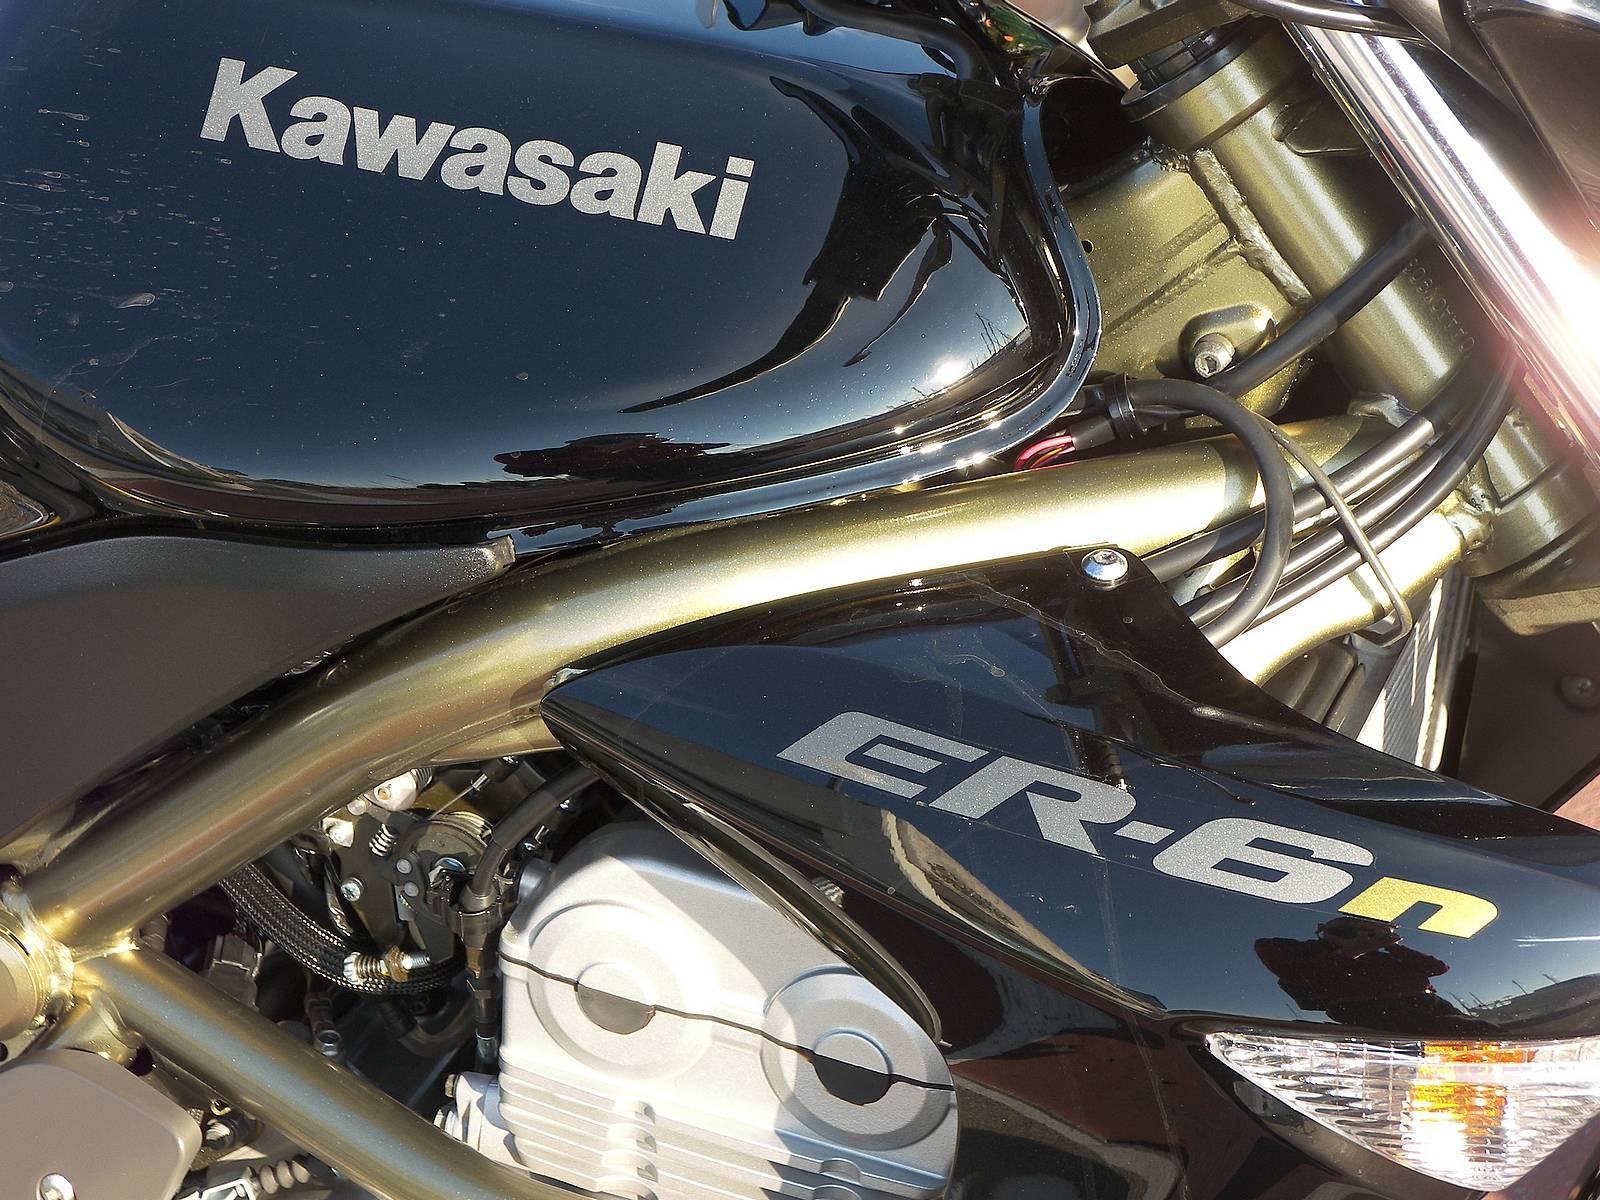 KAWASAKI ER 6 black